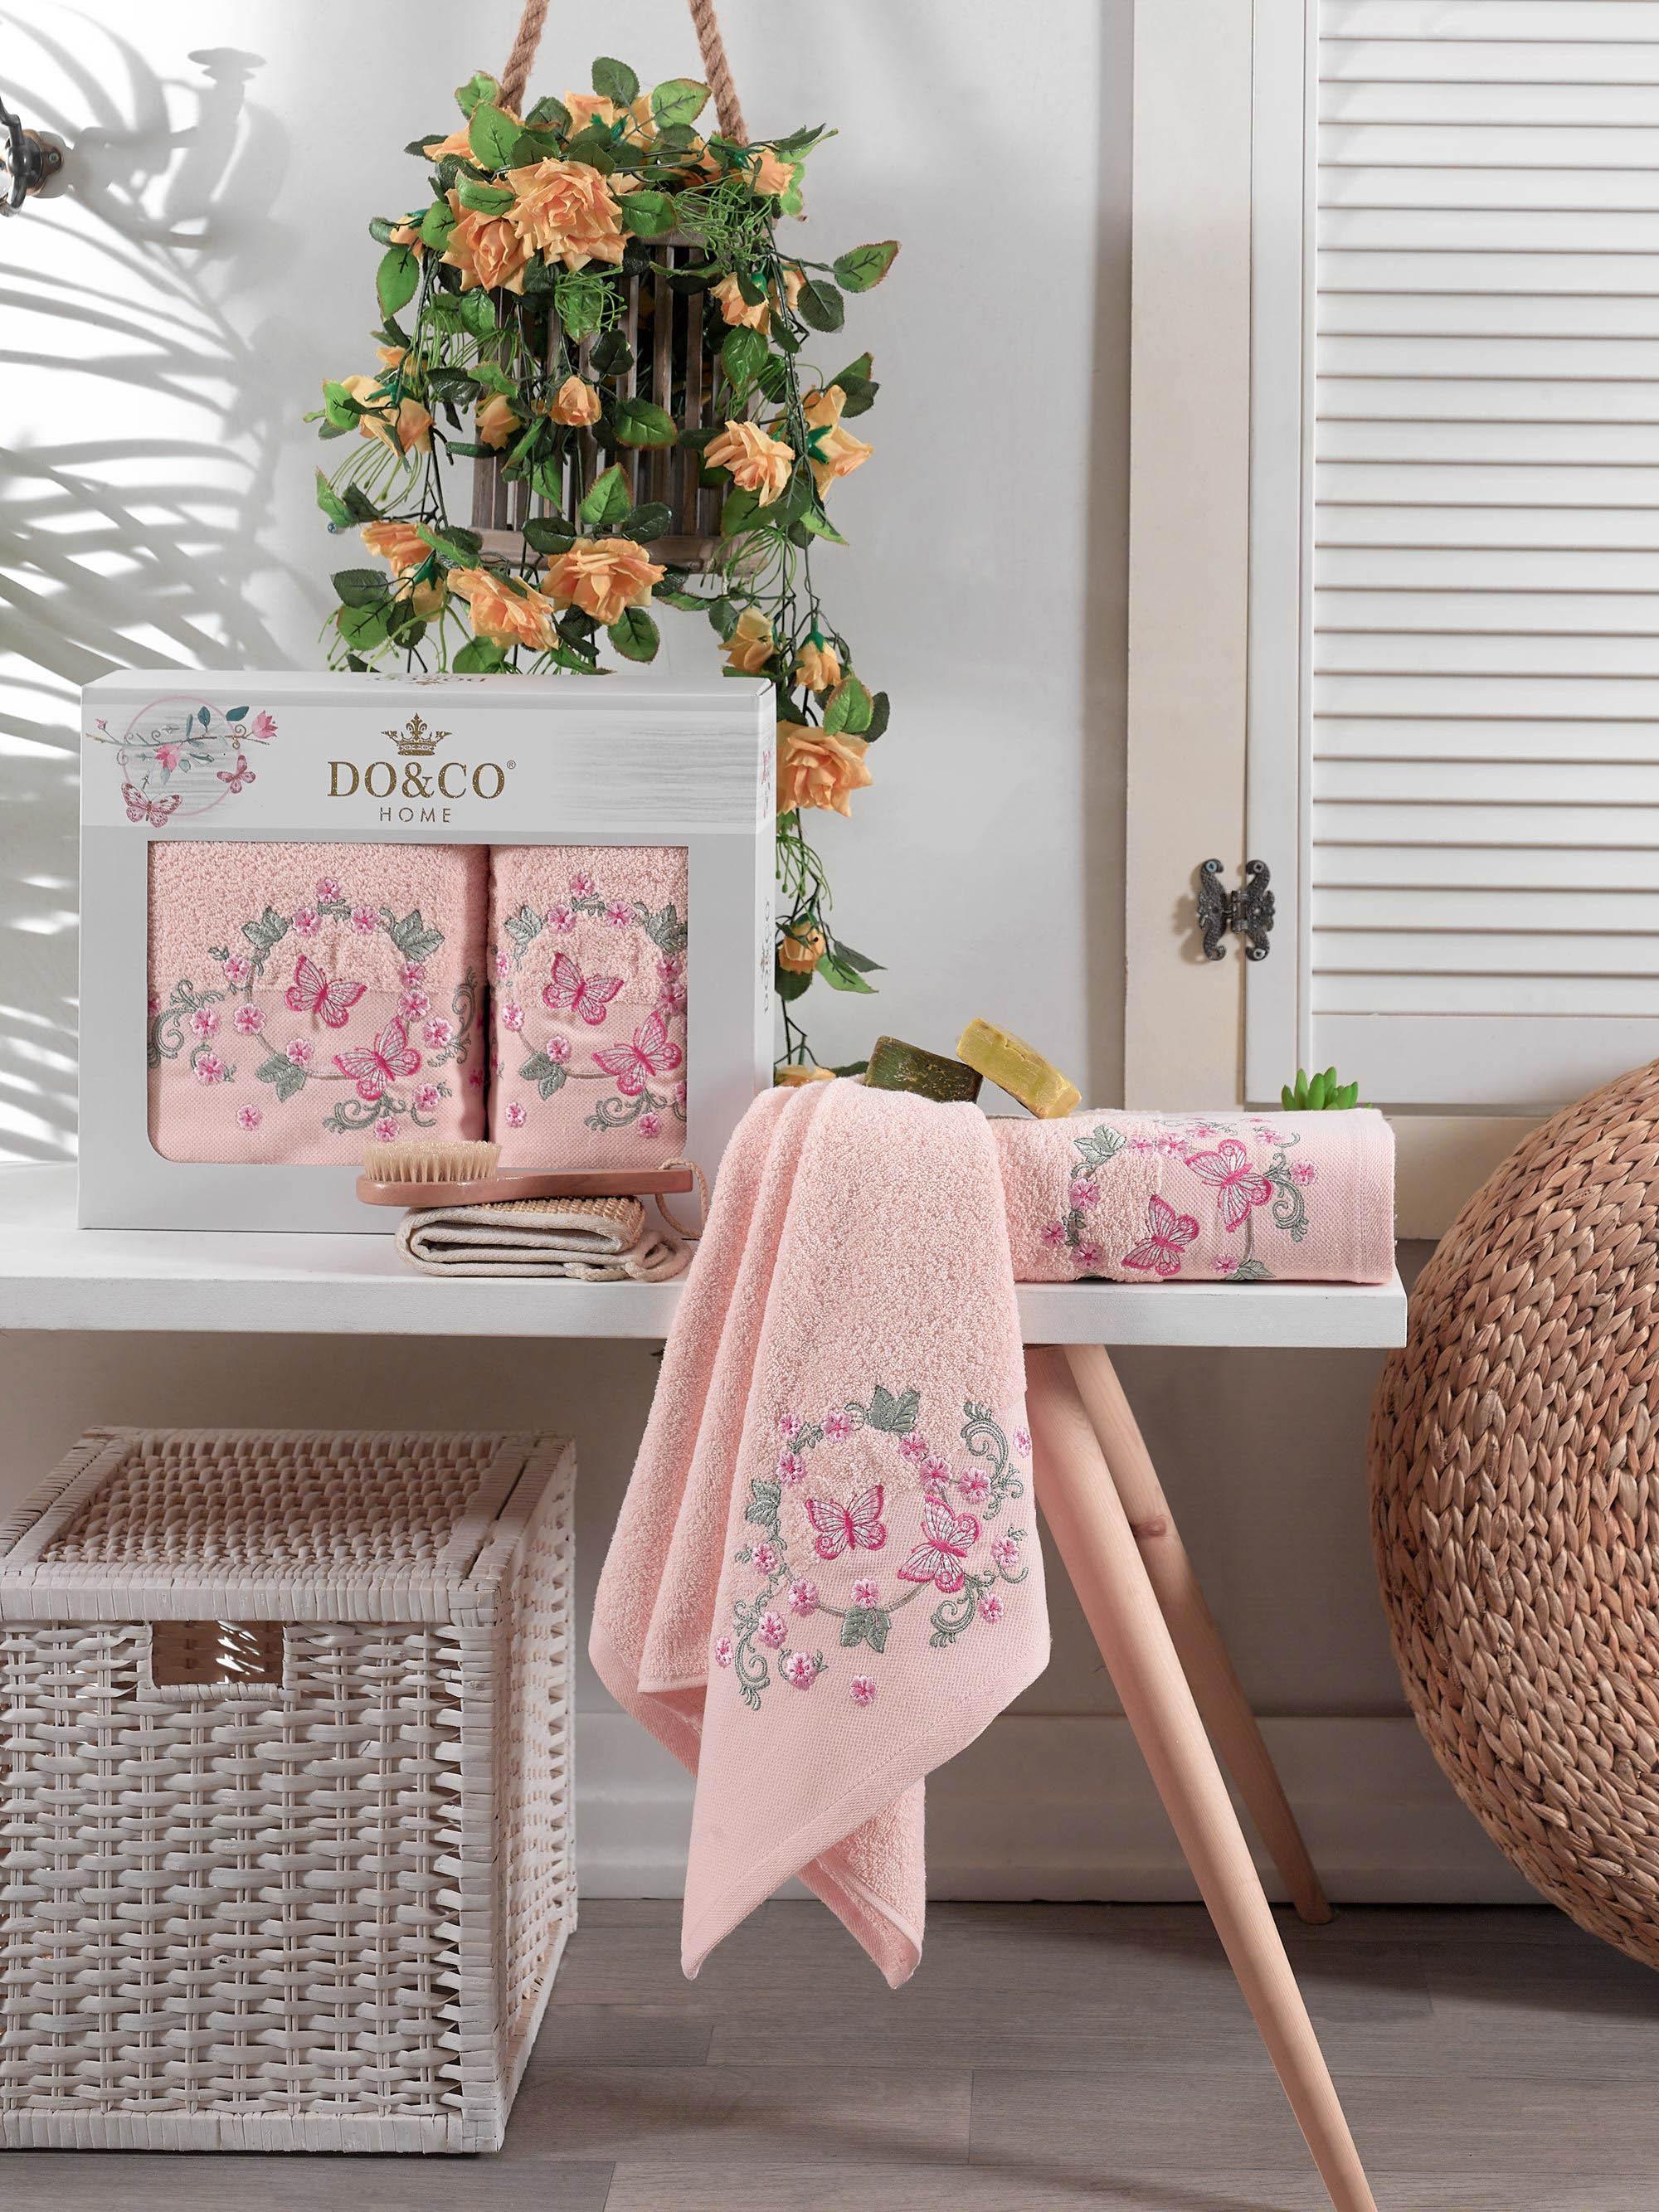 Купить Полотенца DO'n'CO, Полотенце Farfalla Цвет: Персиковый (50х90 см, 70х140 см), Турция, Махра